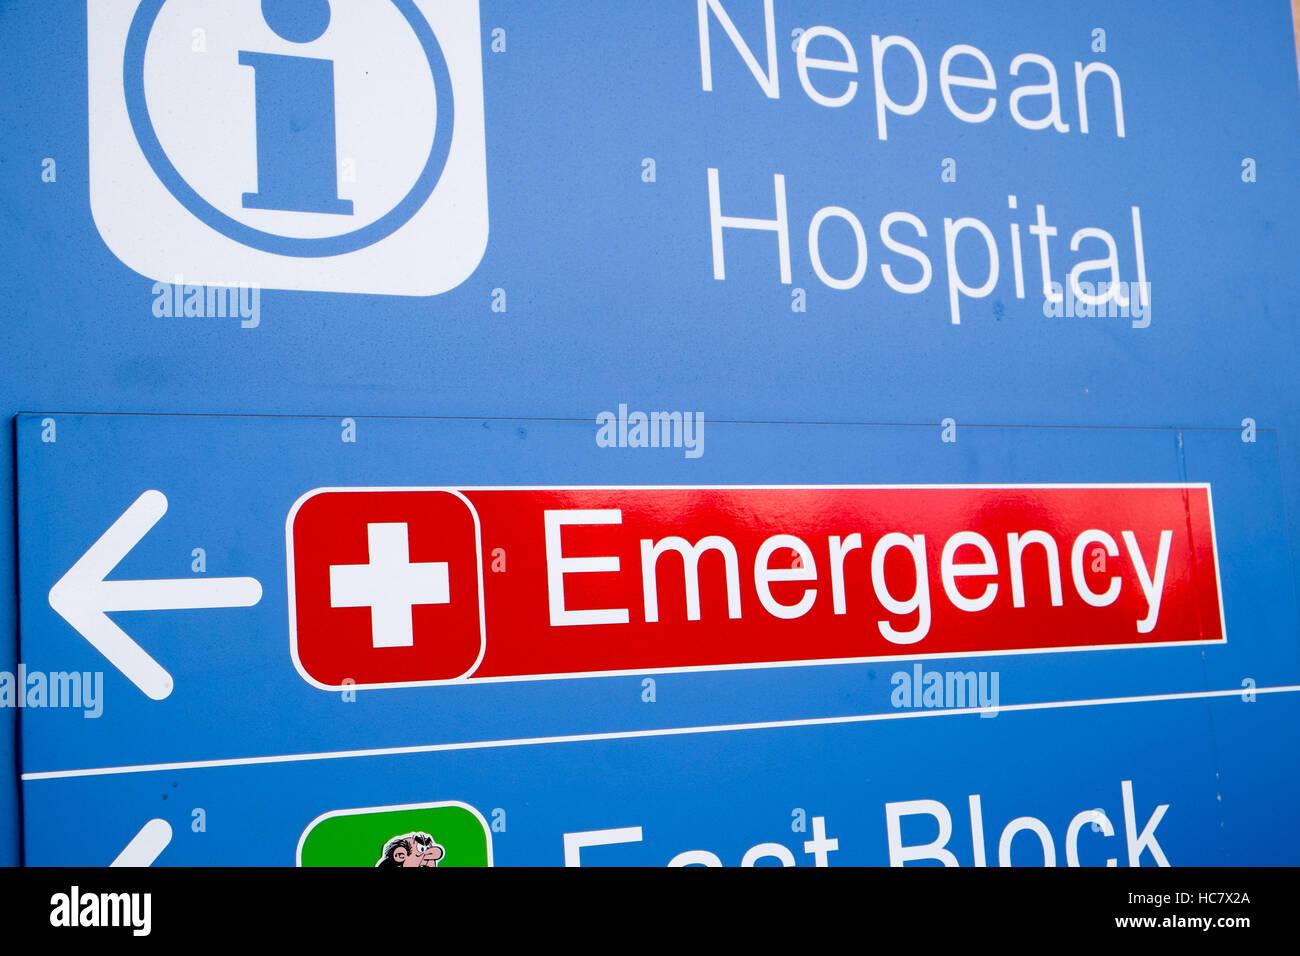 nepean hospital - photo #12